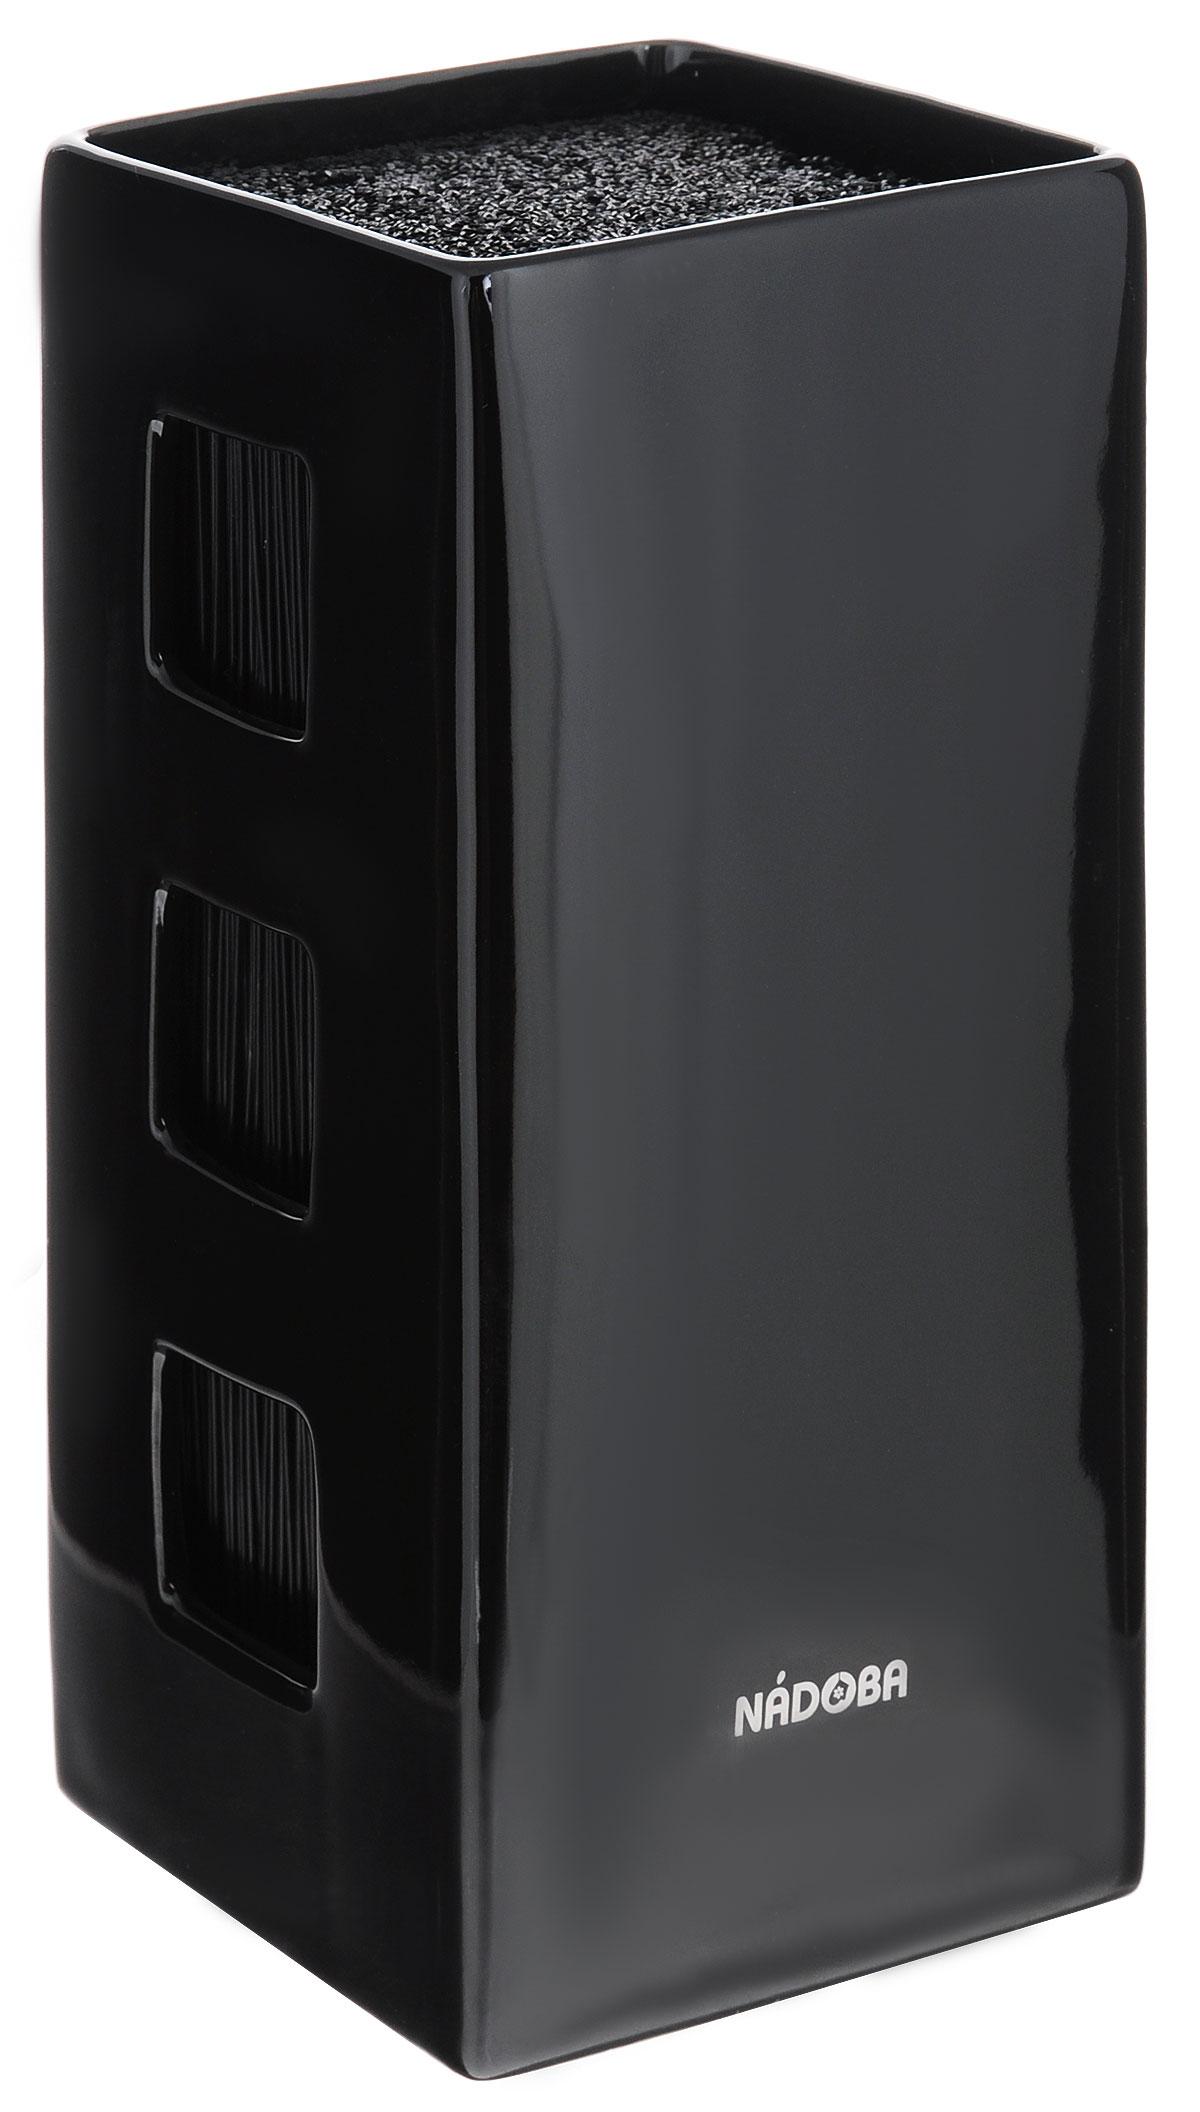 """Универсальный блок для ножей Nadoba """"Esta"""" изготовлен из керамики и является блоком нового поколения. Он позволяет хранить ножи в различном количестве и в произвольном порядке. Пластиковые волокна не тупят ножи и легко моются. Подходит для всех типов ножей, включая керамические."""